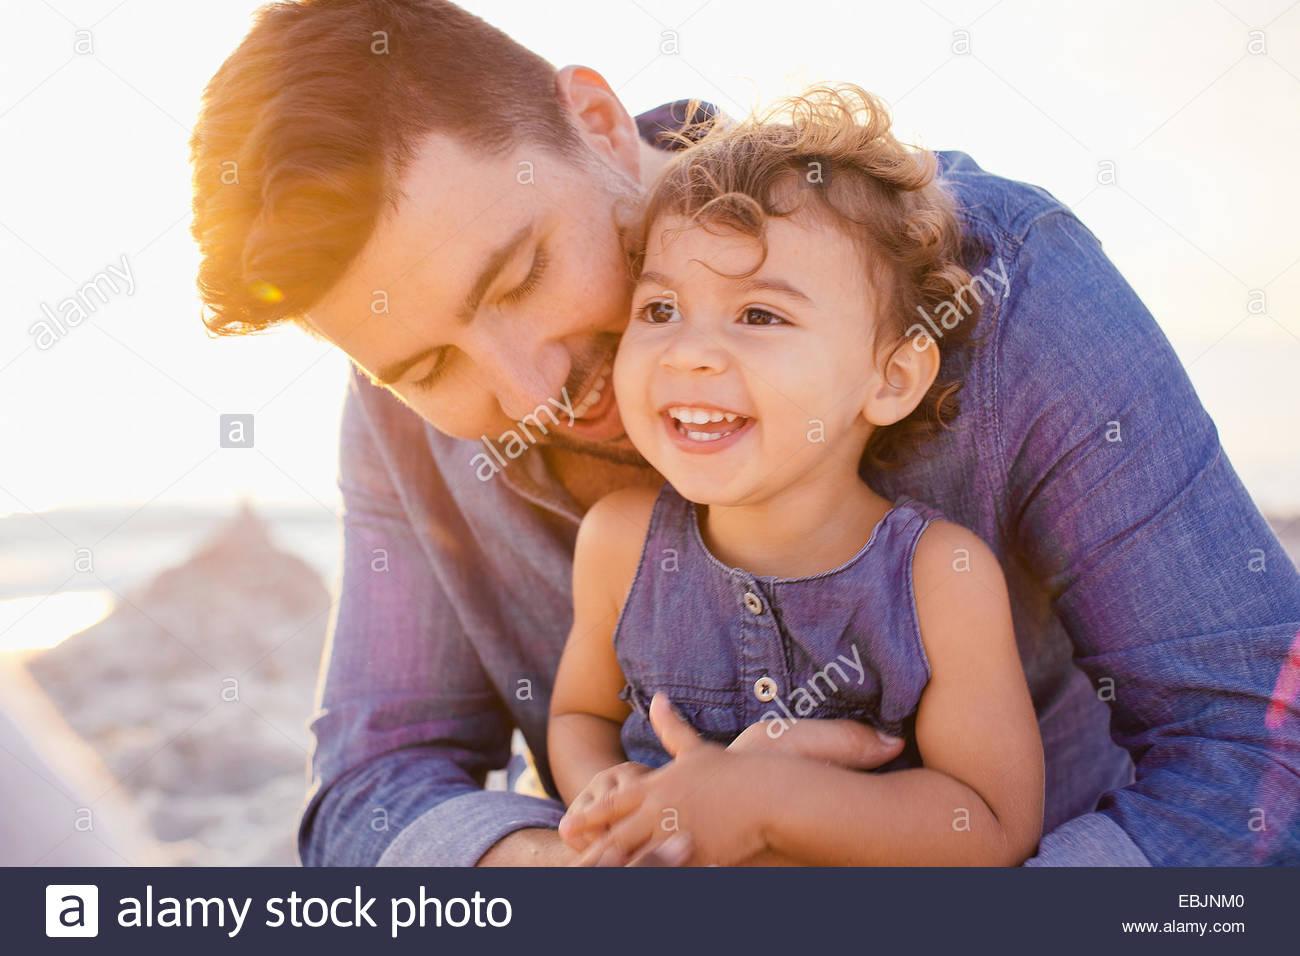 Porträt von Vater und Kind Tochter am Strand, Toskana, Italien Stockbild